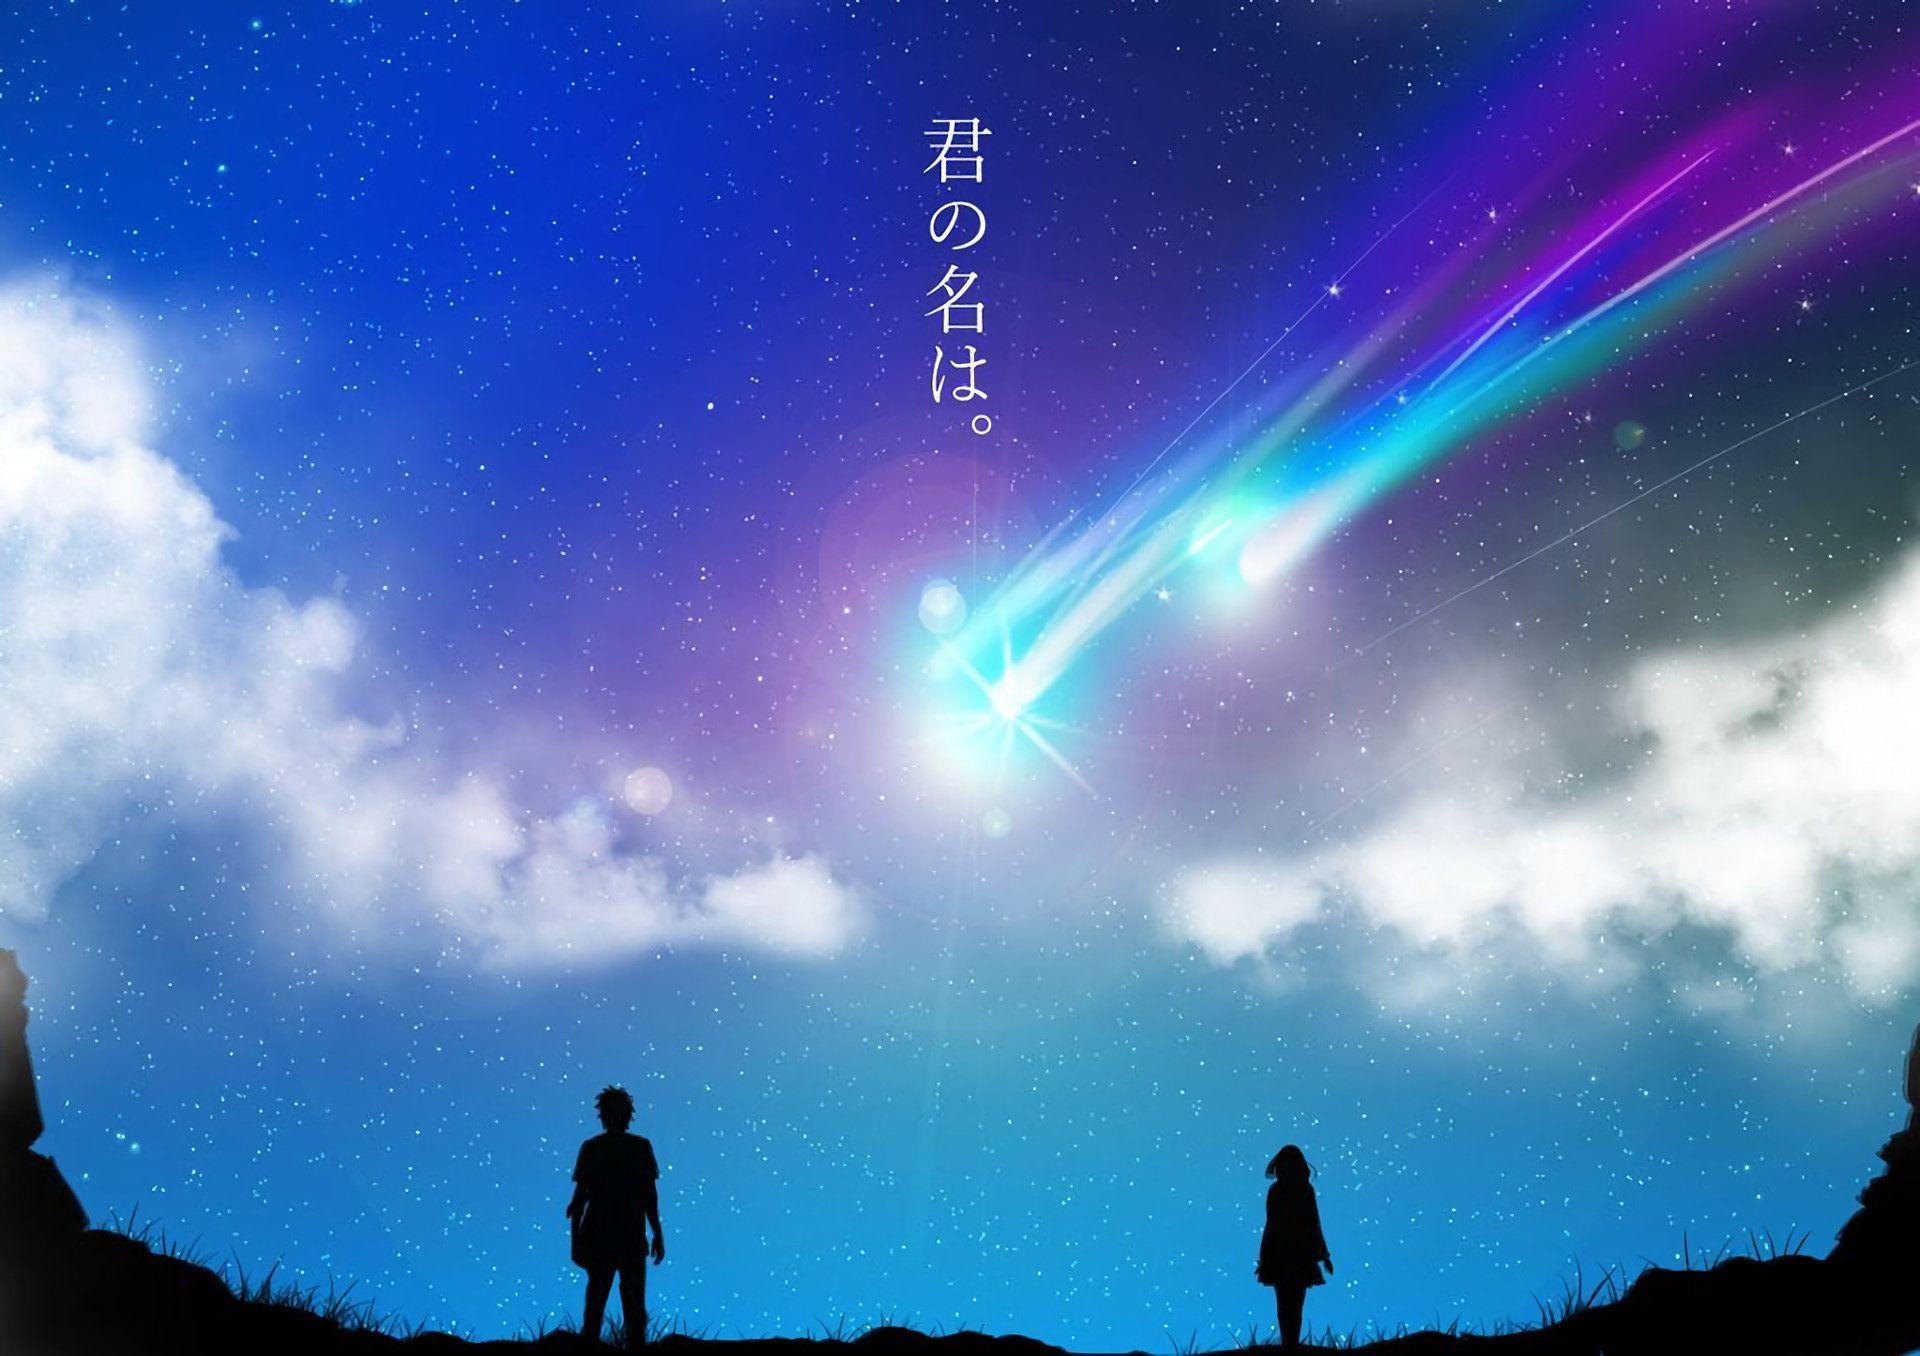 Lake Your Name Anime Wallpapers Top Free Lake Your Name Anime